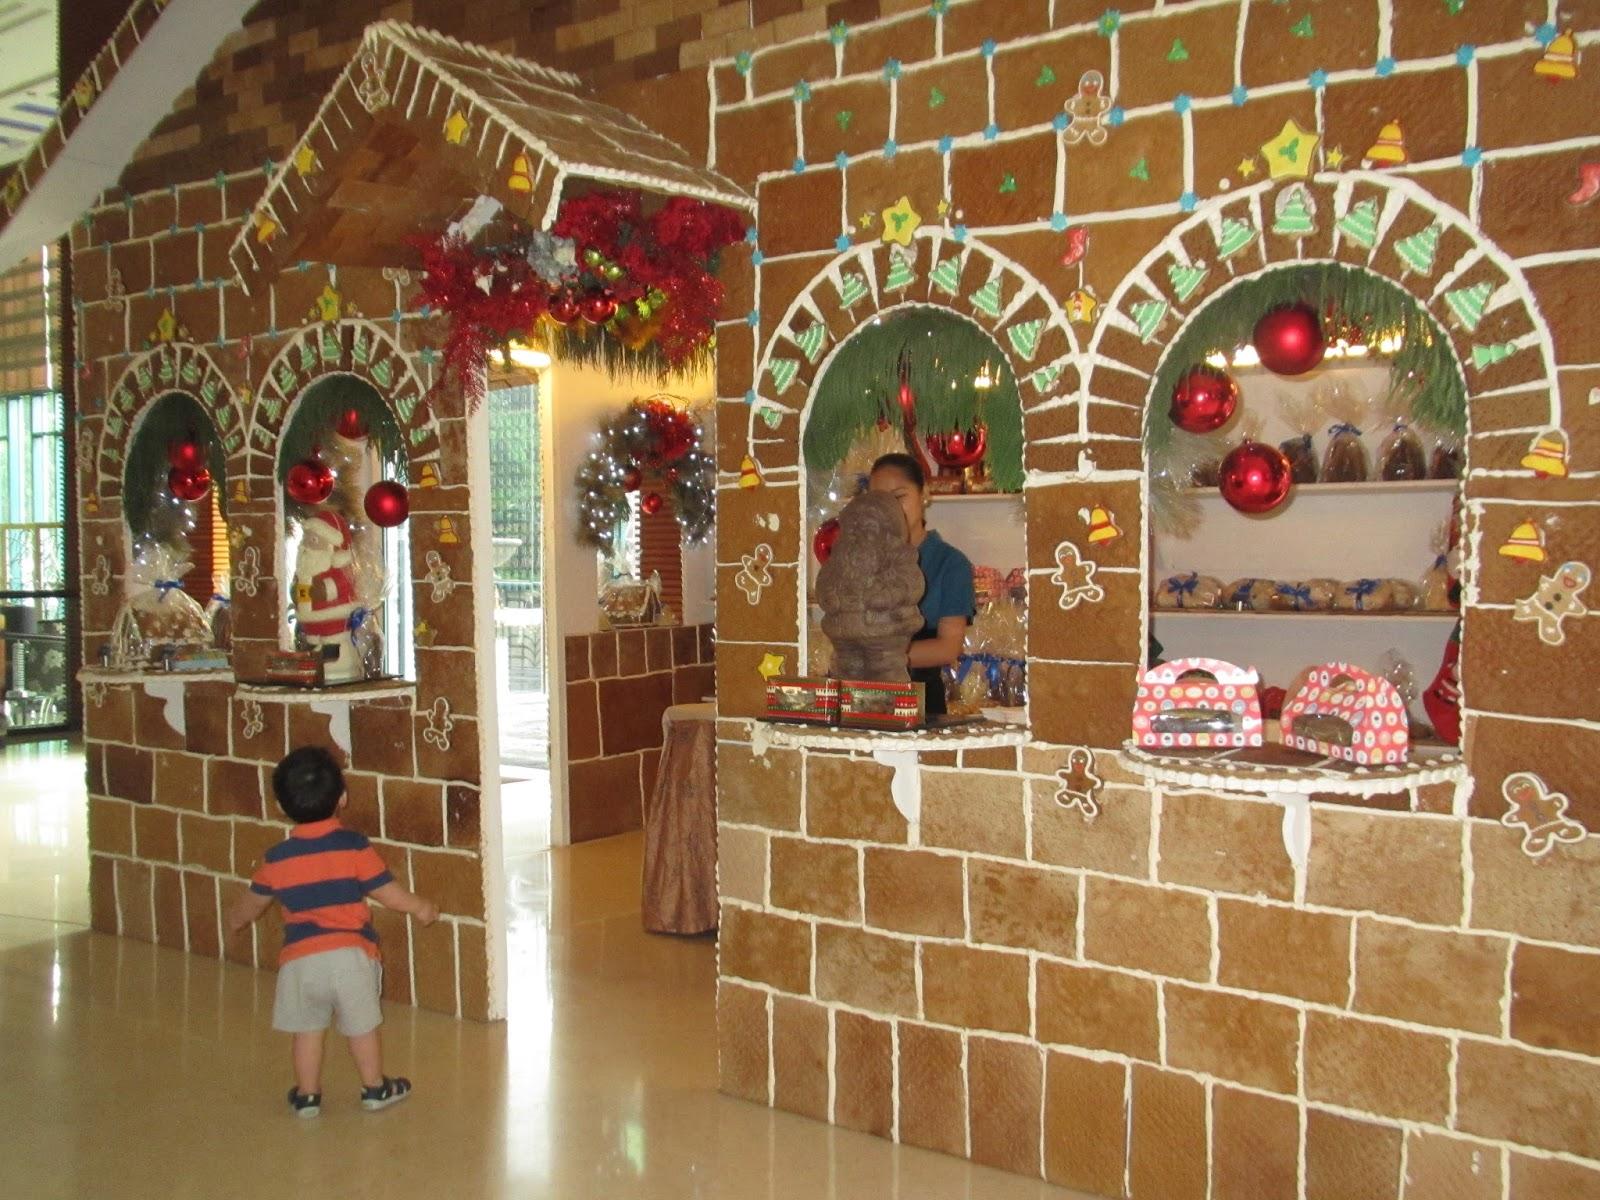 Radisson Hotel Cebu